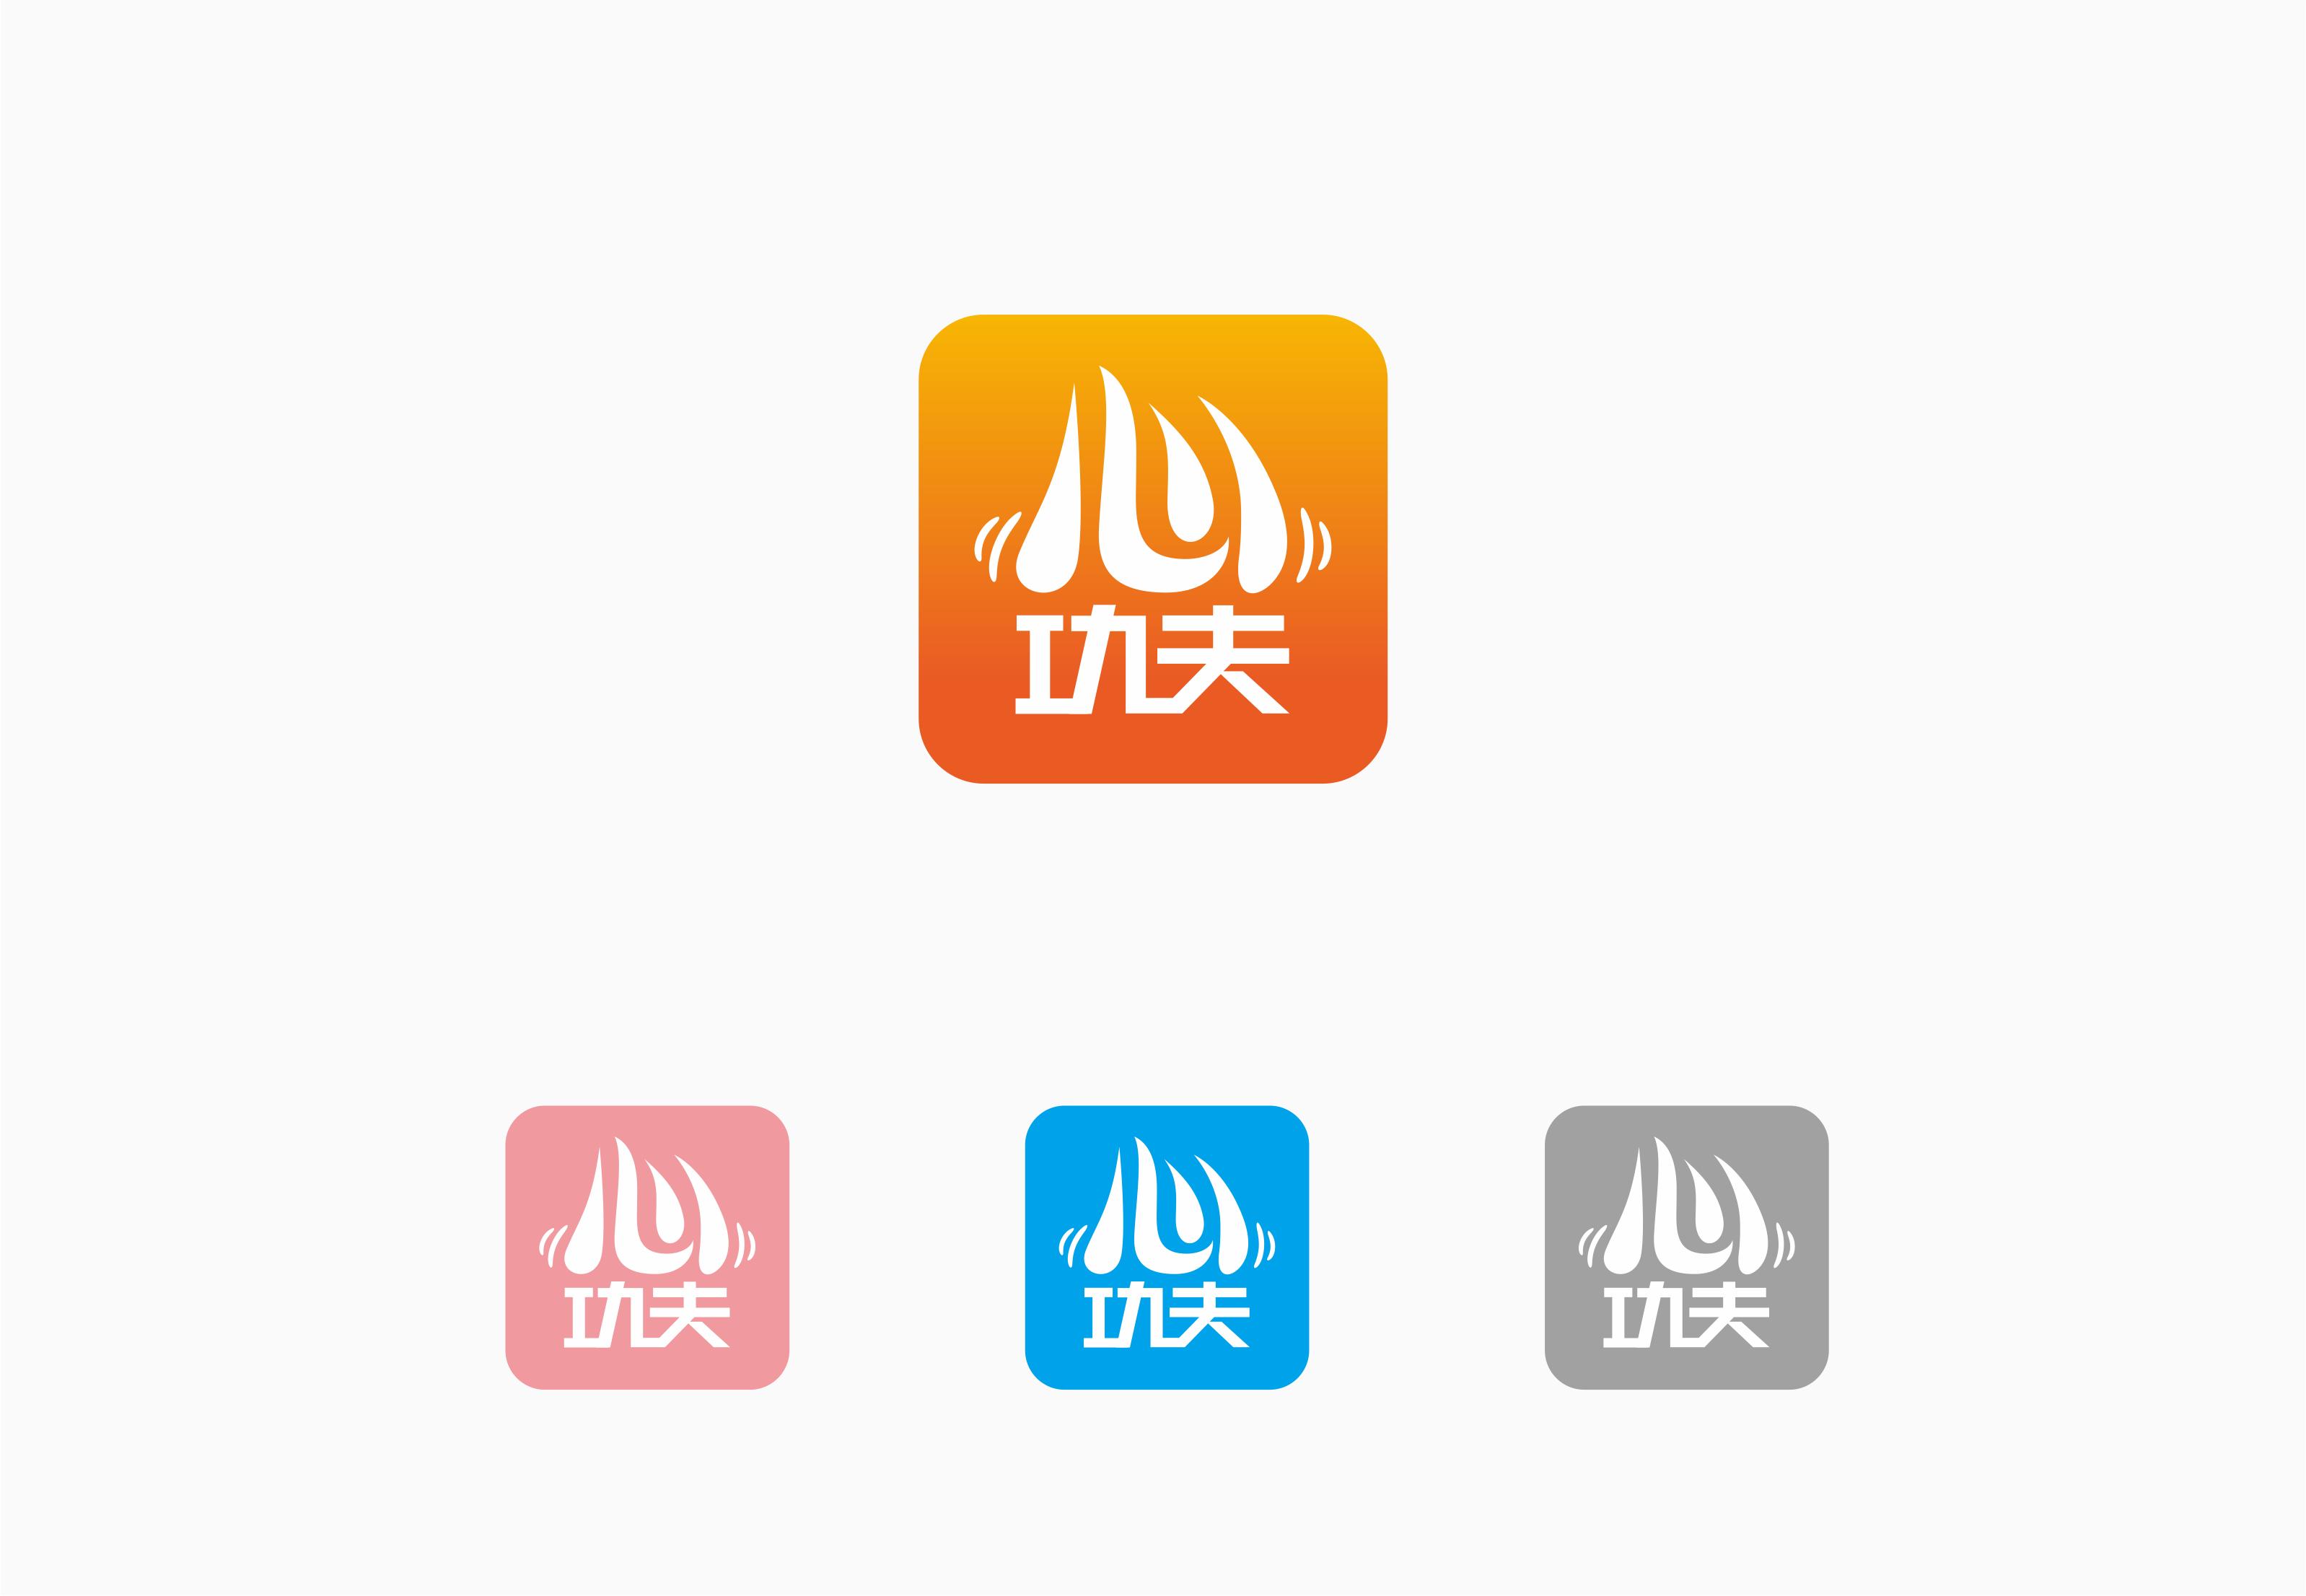 健康从心开始:心功夫Logo设计_2947096_k68威客网